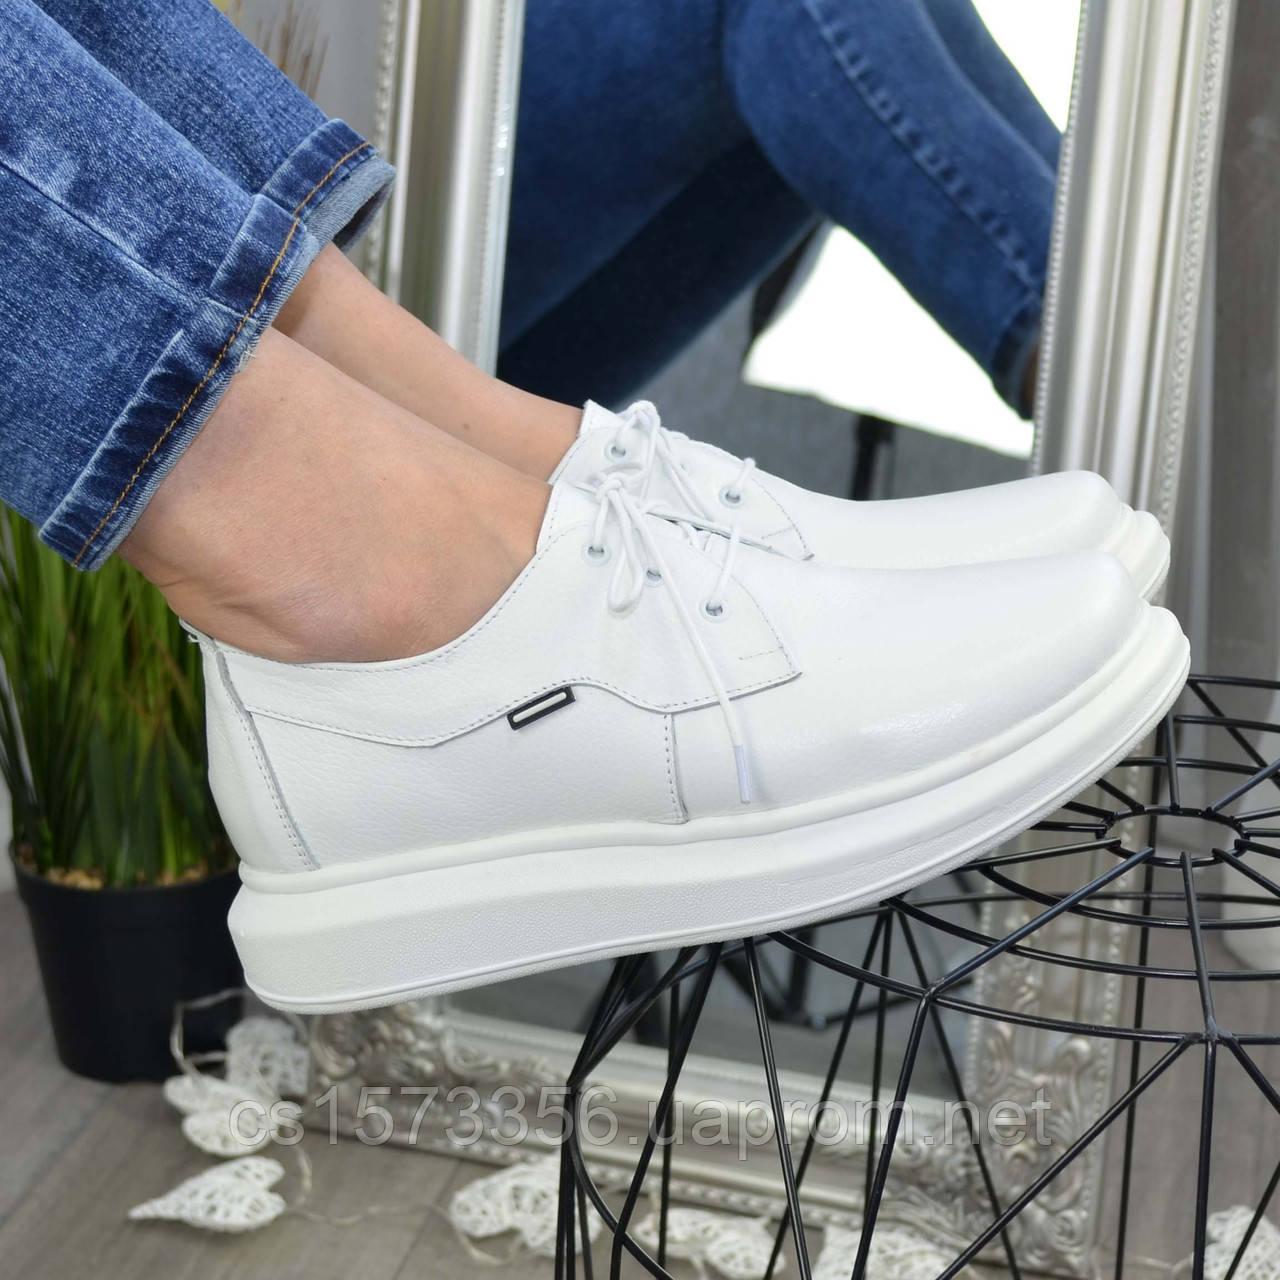 Туфли кожаные белые женские на утолщенной подошве. 39 размер